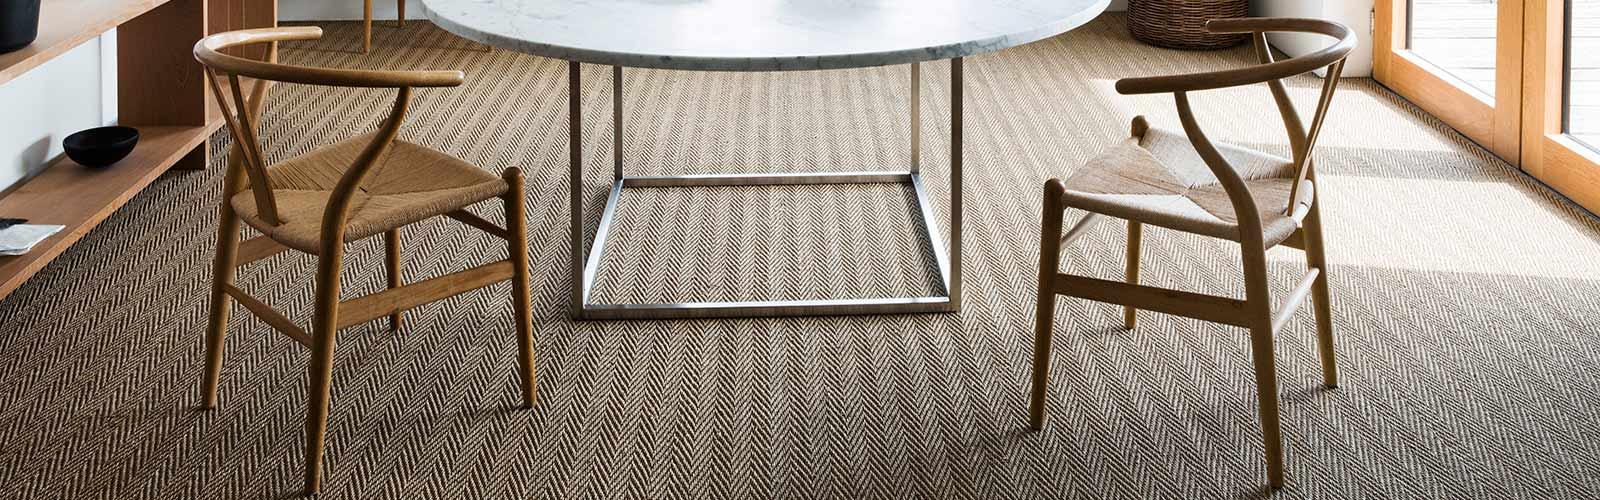 Seagrass carpet in a fine herringbone weave in natural colour